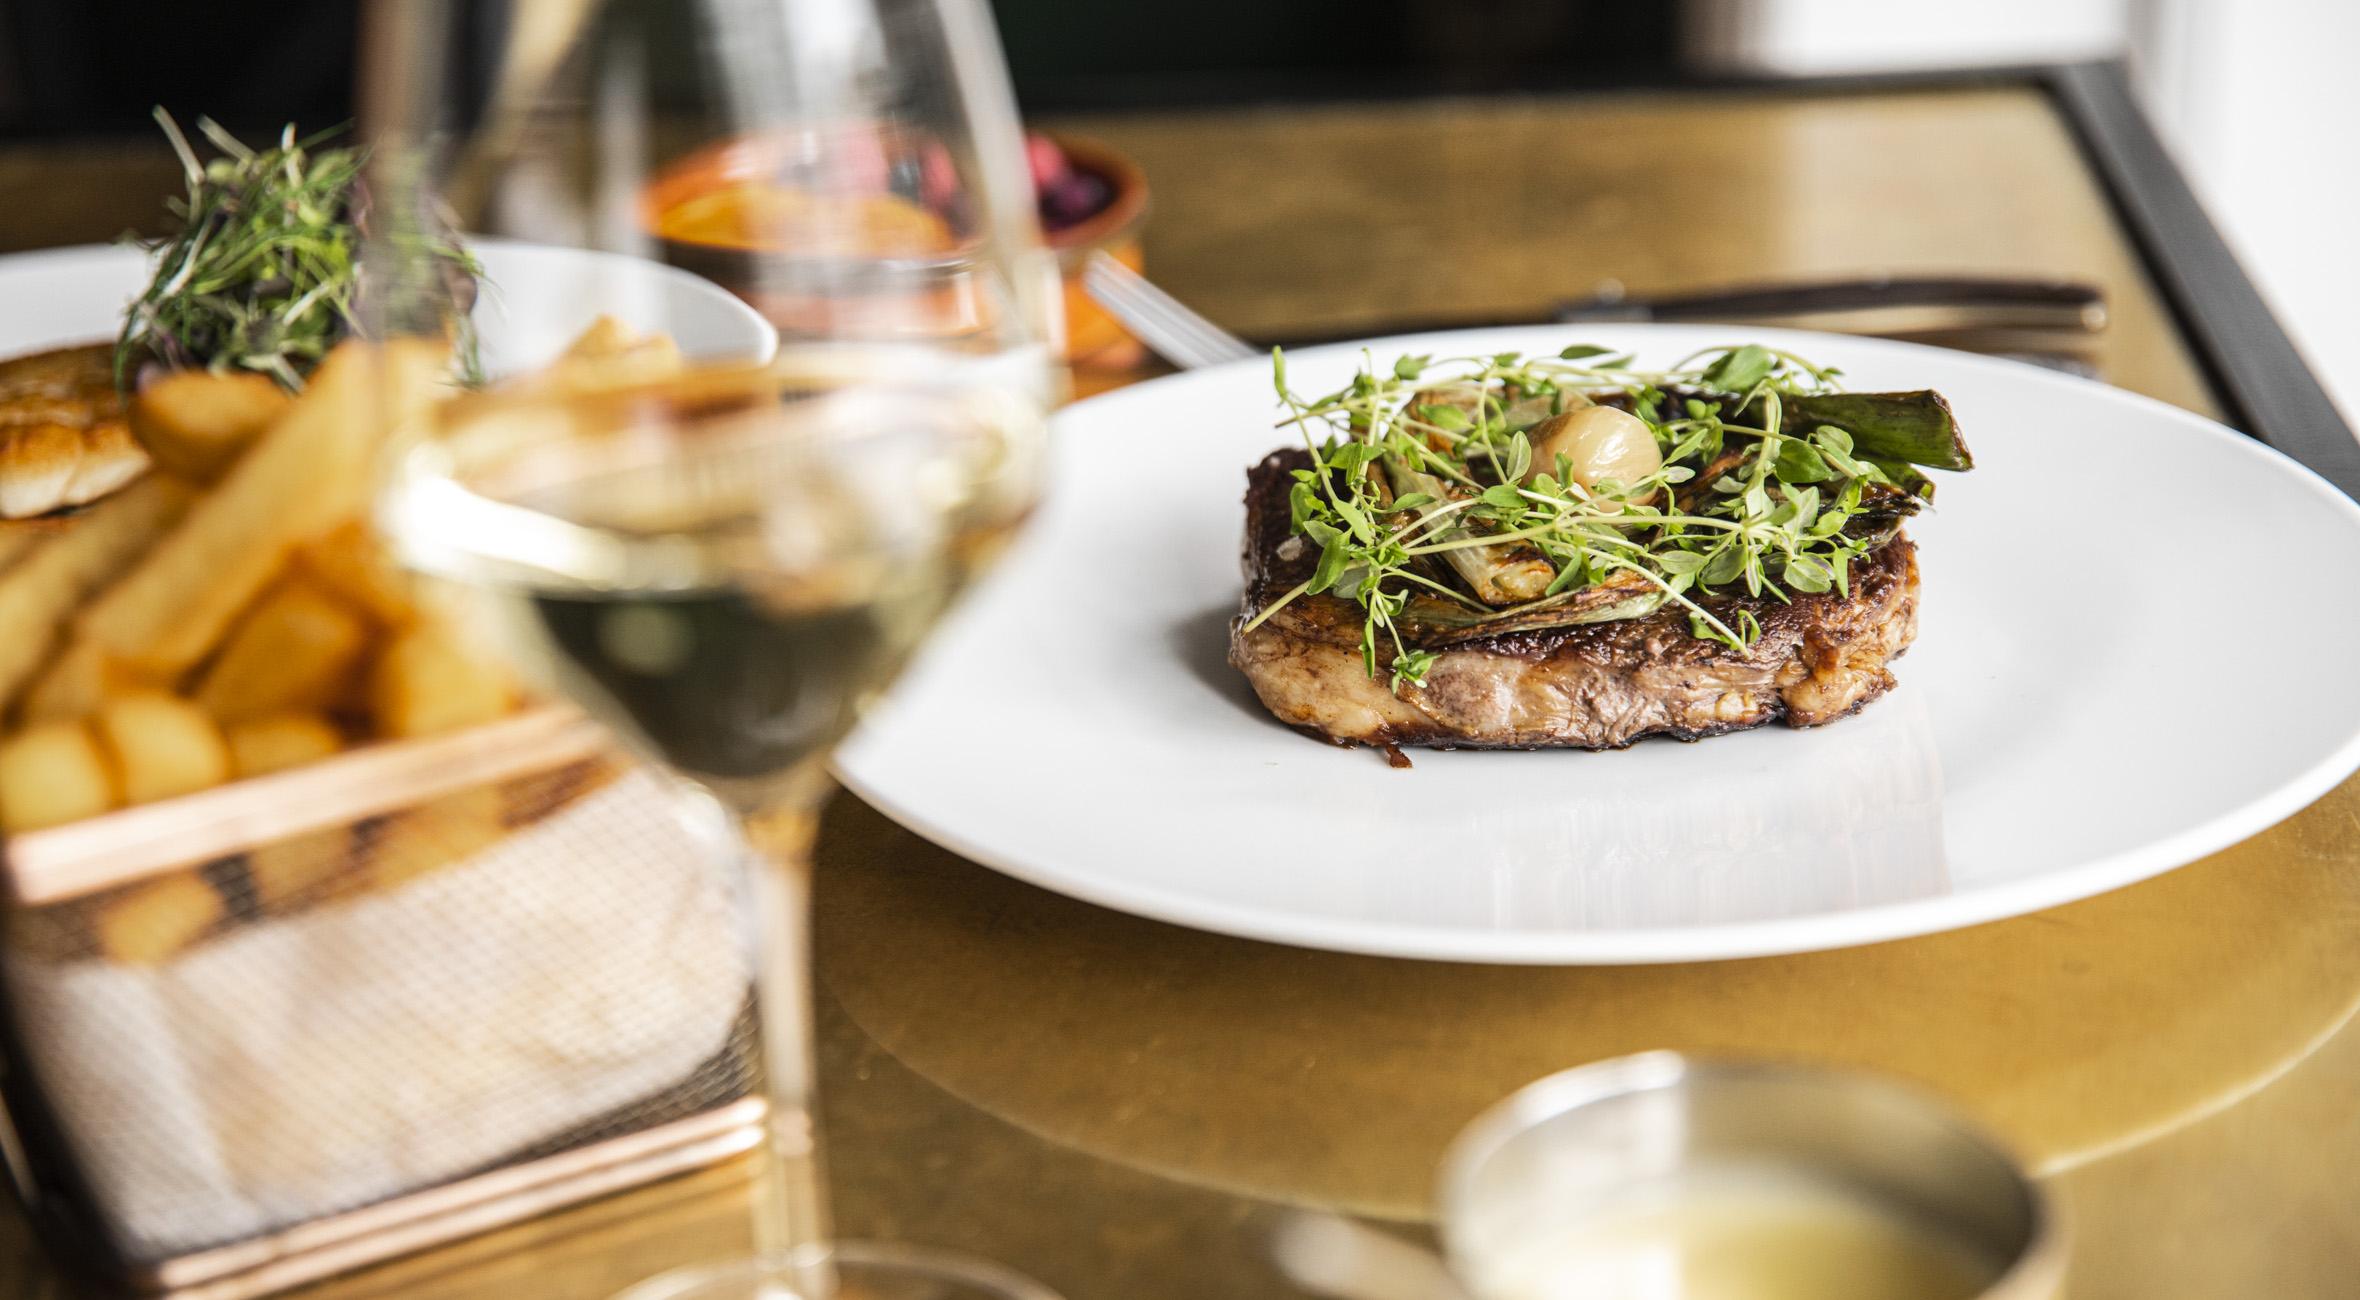 3-retters menu hos Salon 39 på Frederiksberg – Invitér venner og familie på fransk gastronomi i fantastiske omgivelser